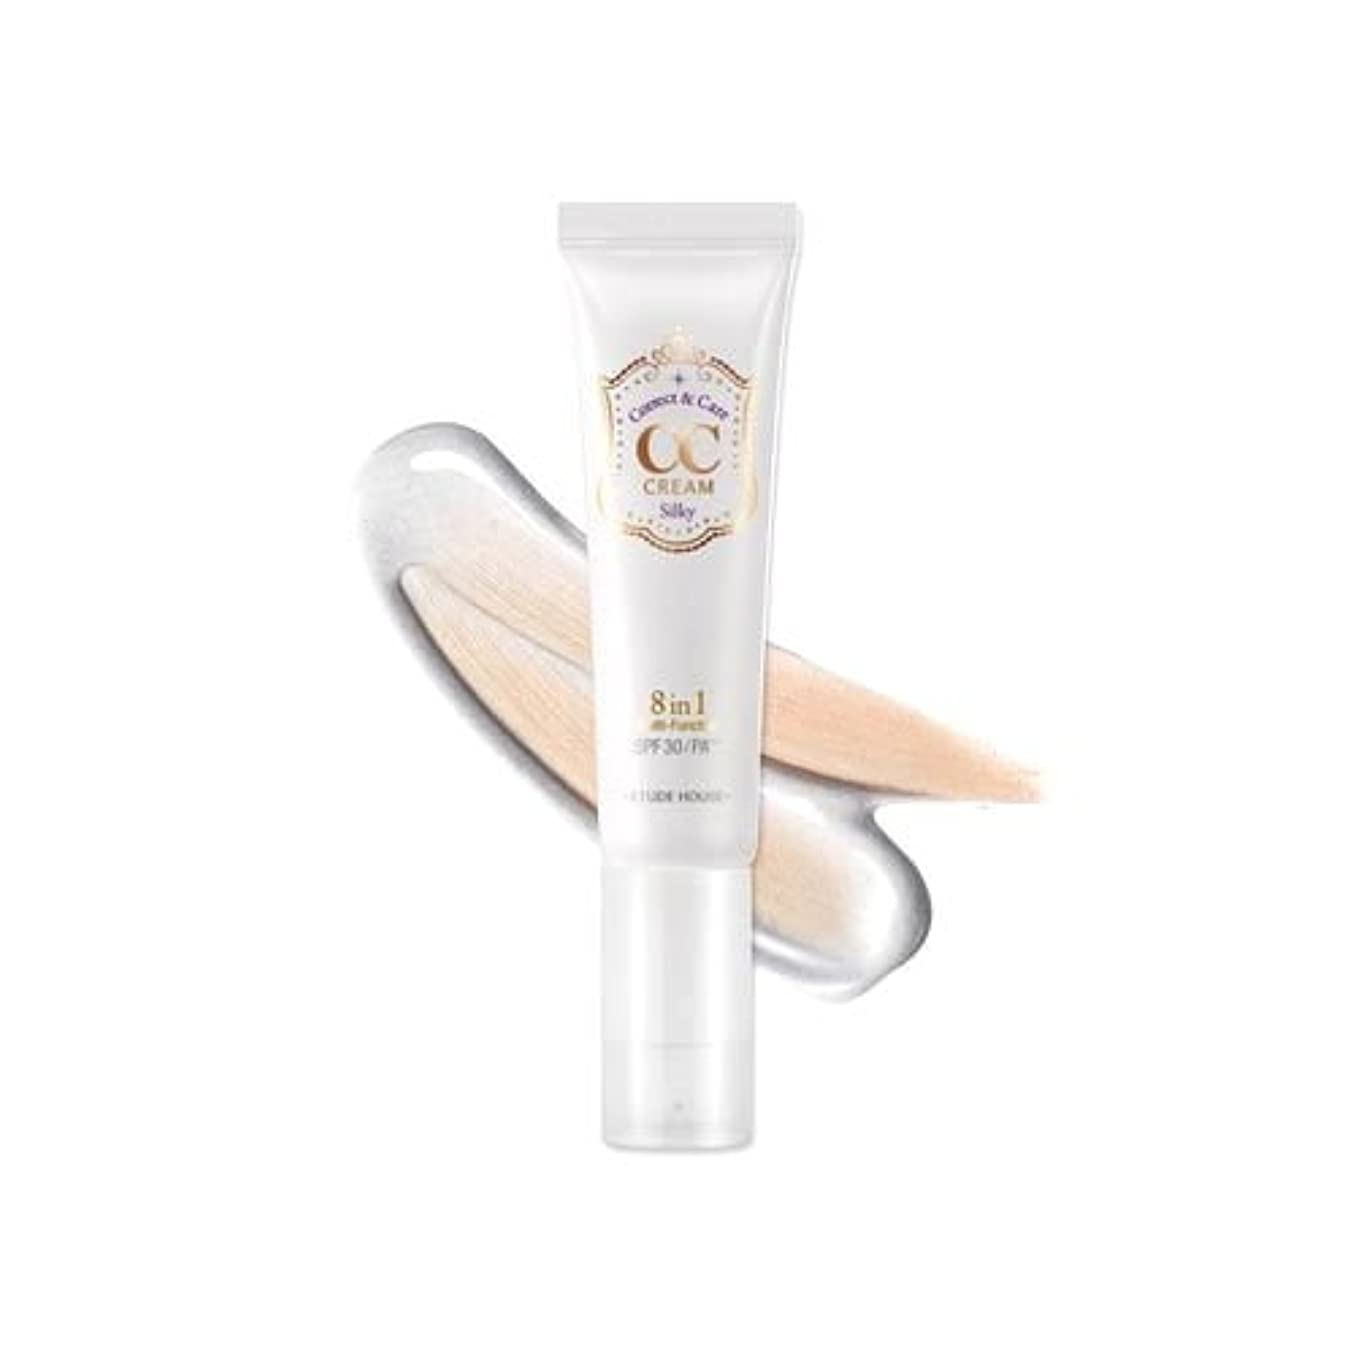 時計フルーティー含む(3 Pack) ETUDE HOUSE CC Cream - #01 Silky (並行輸入品)